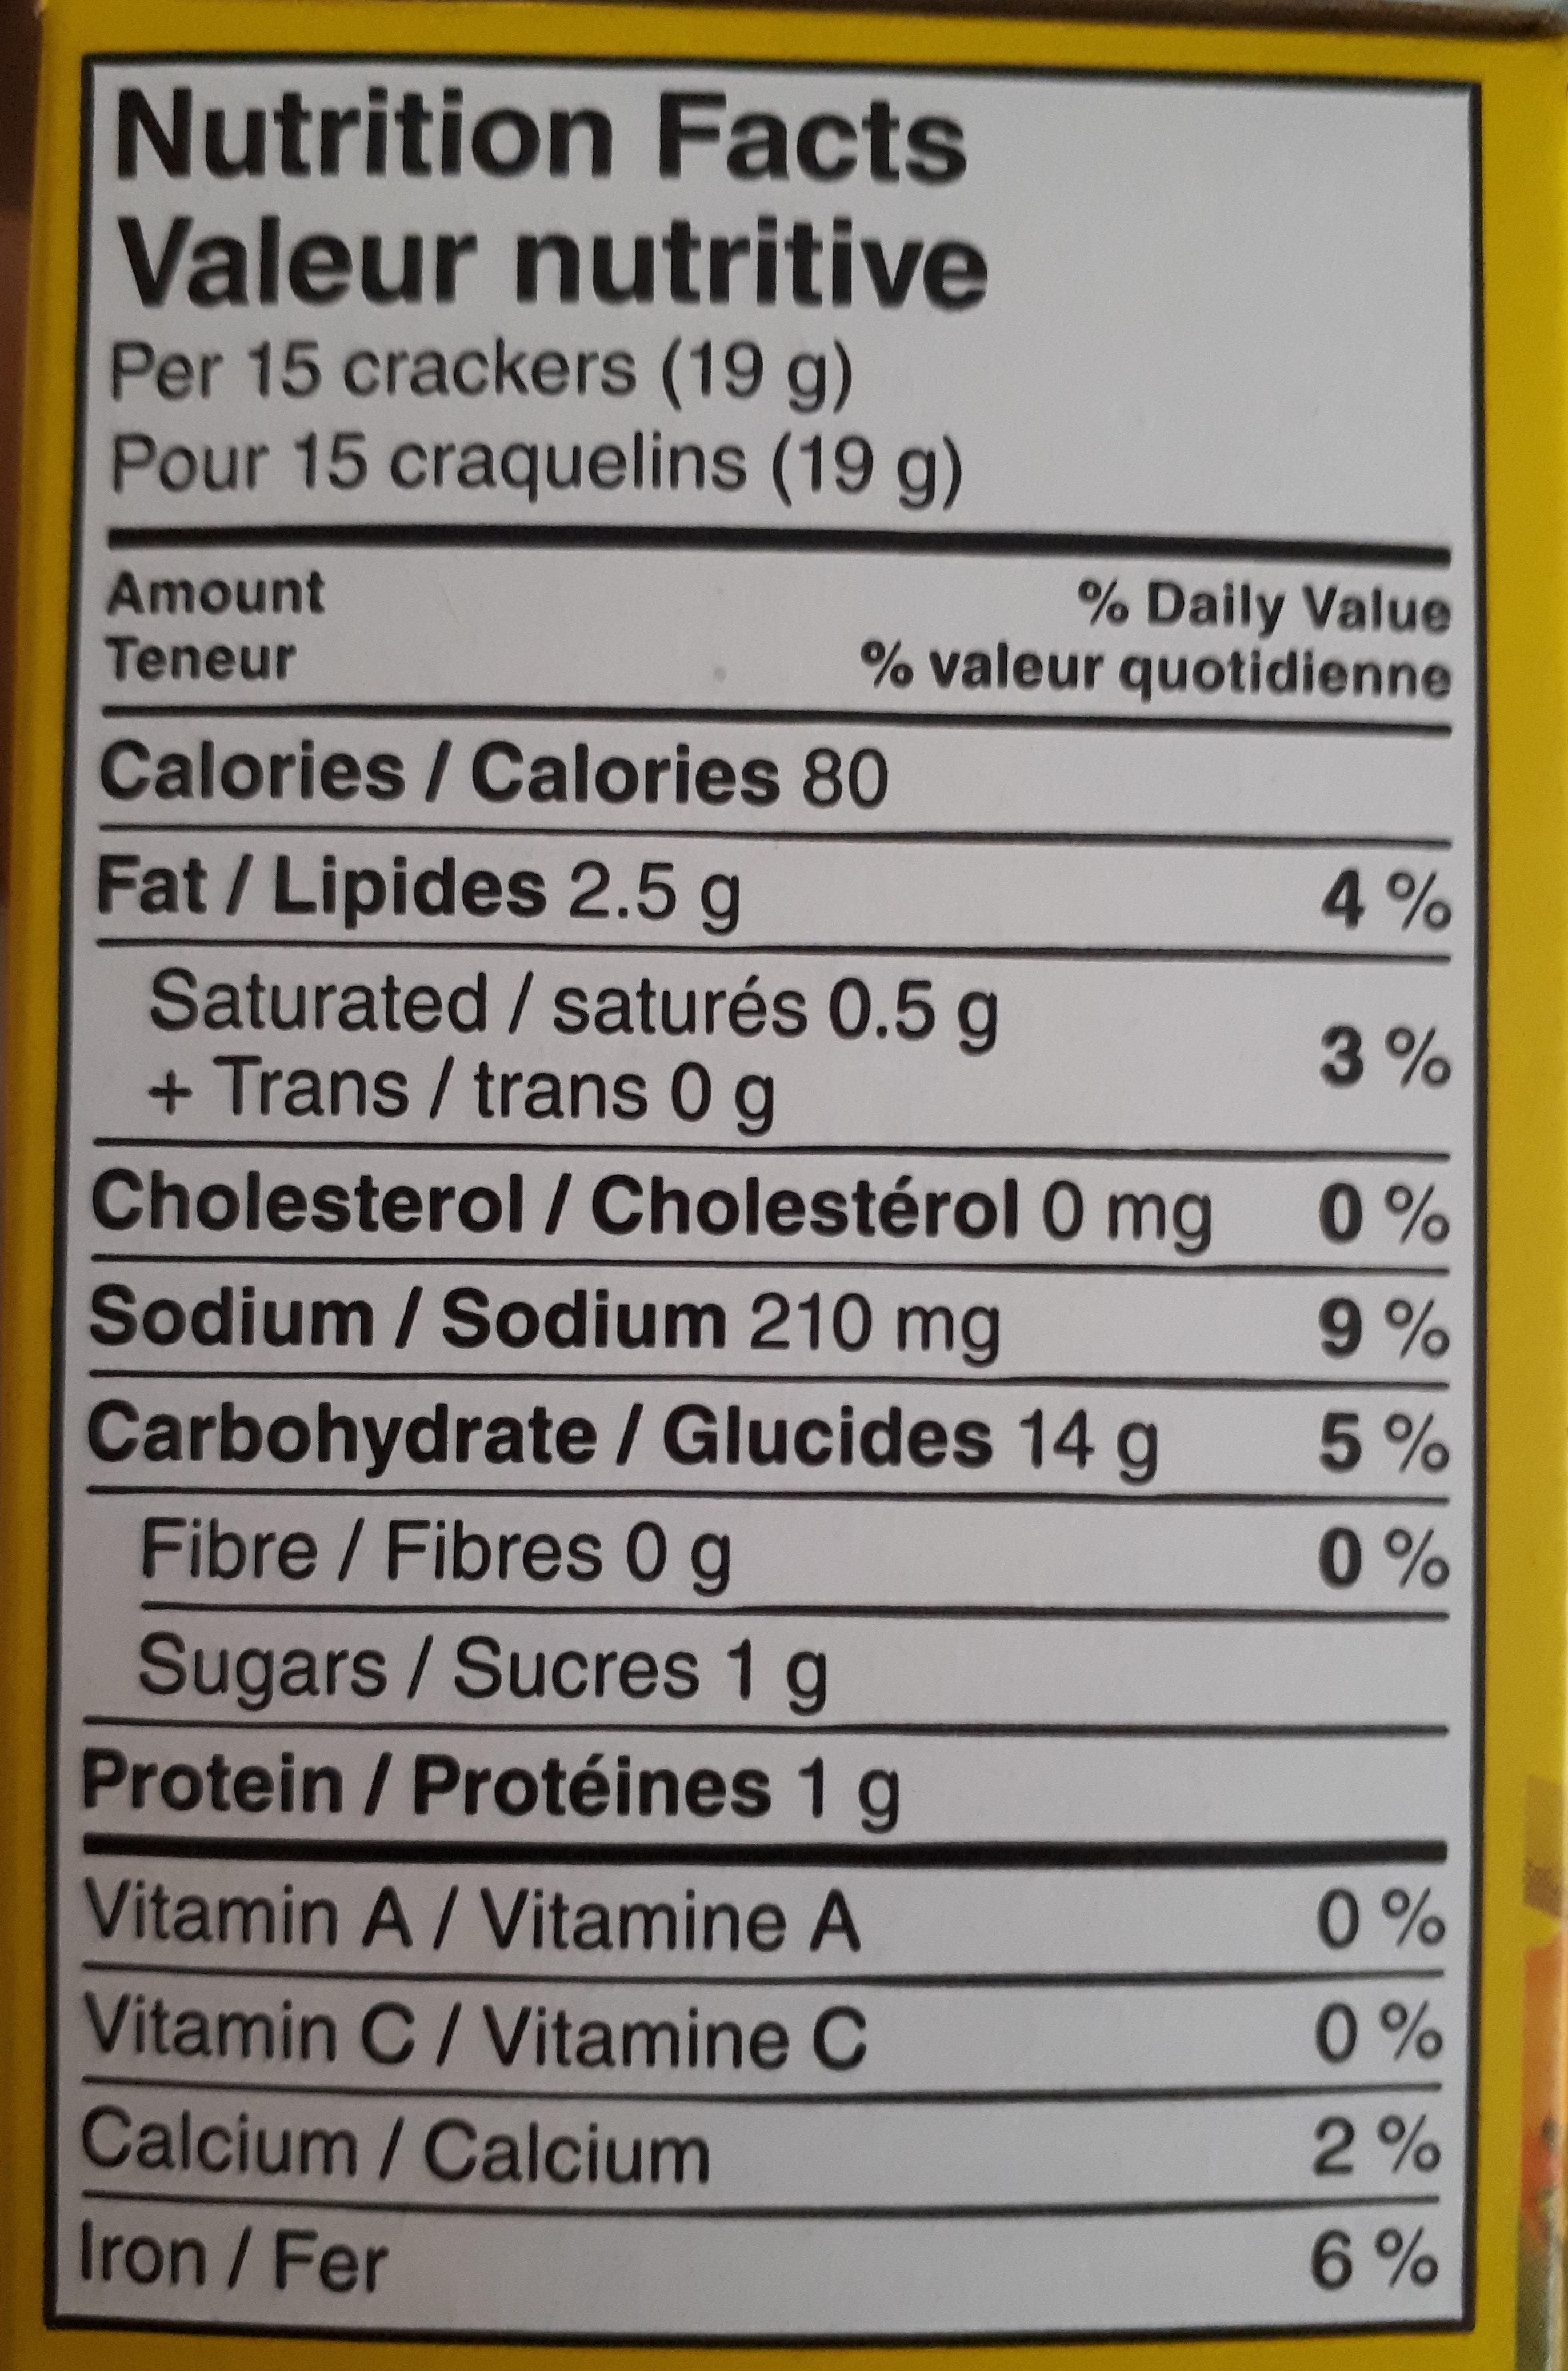 Craquelins aromatisés aux légumes - Nutrition facts - fr